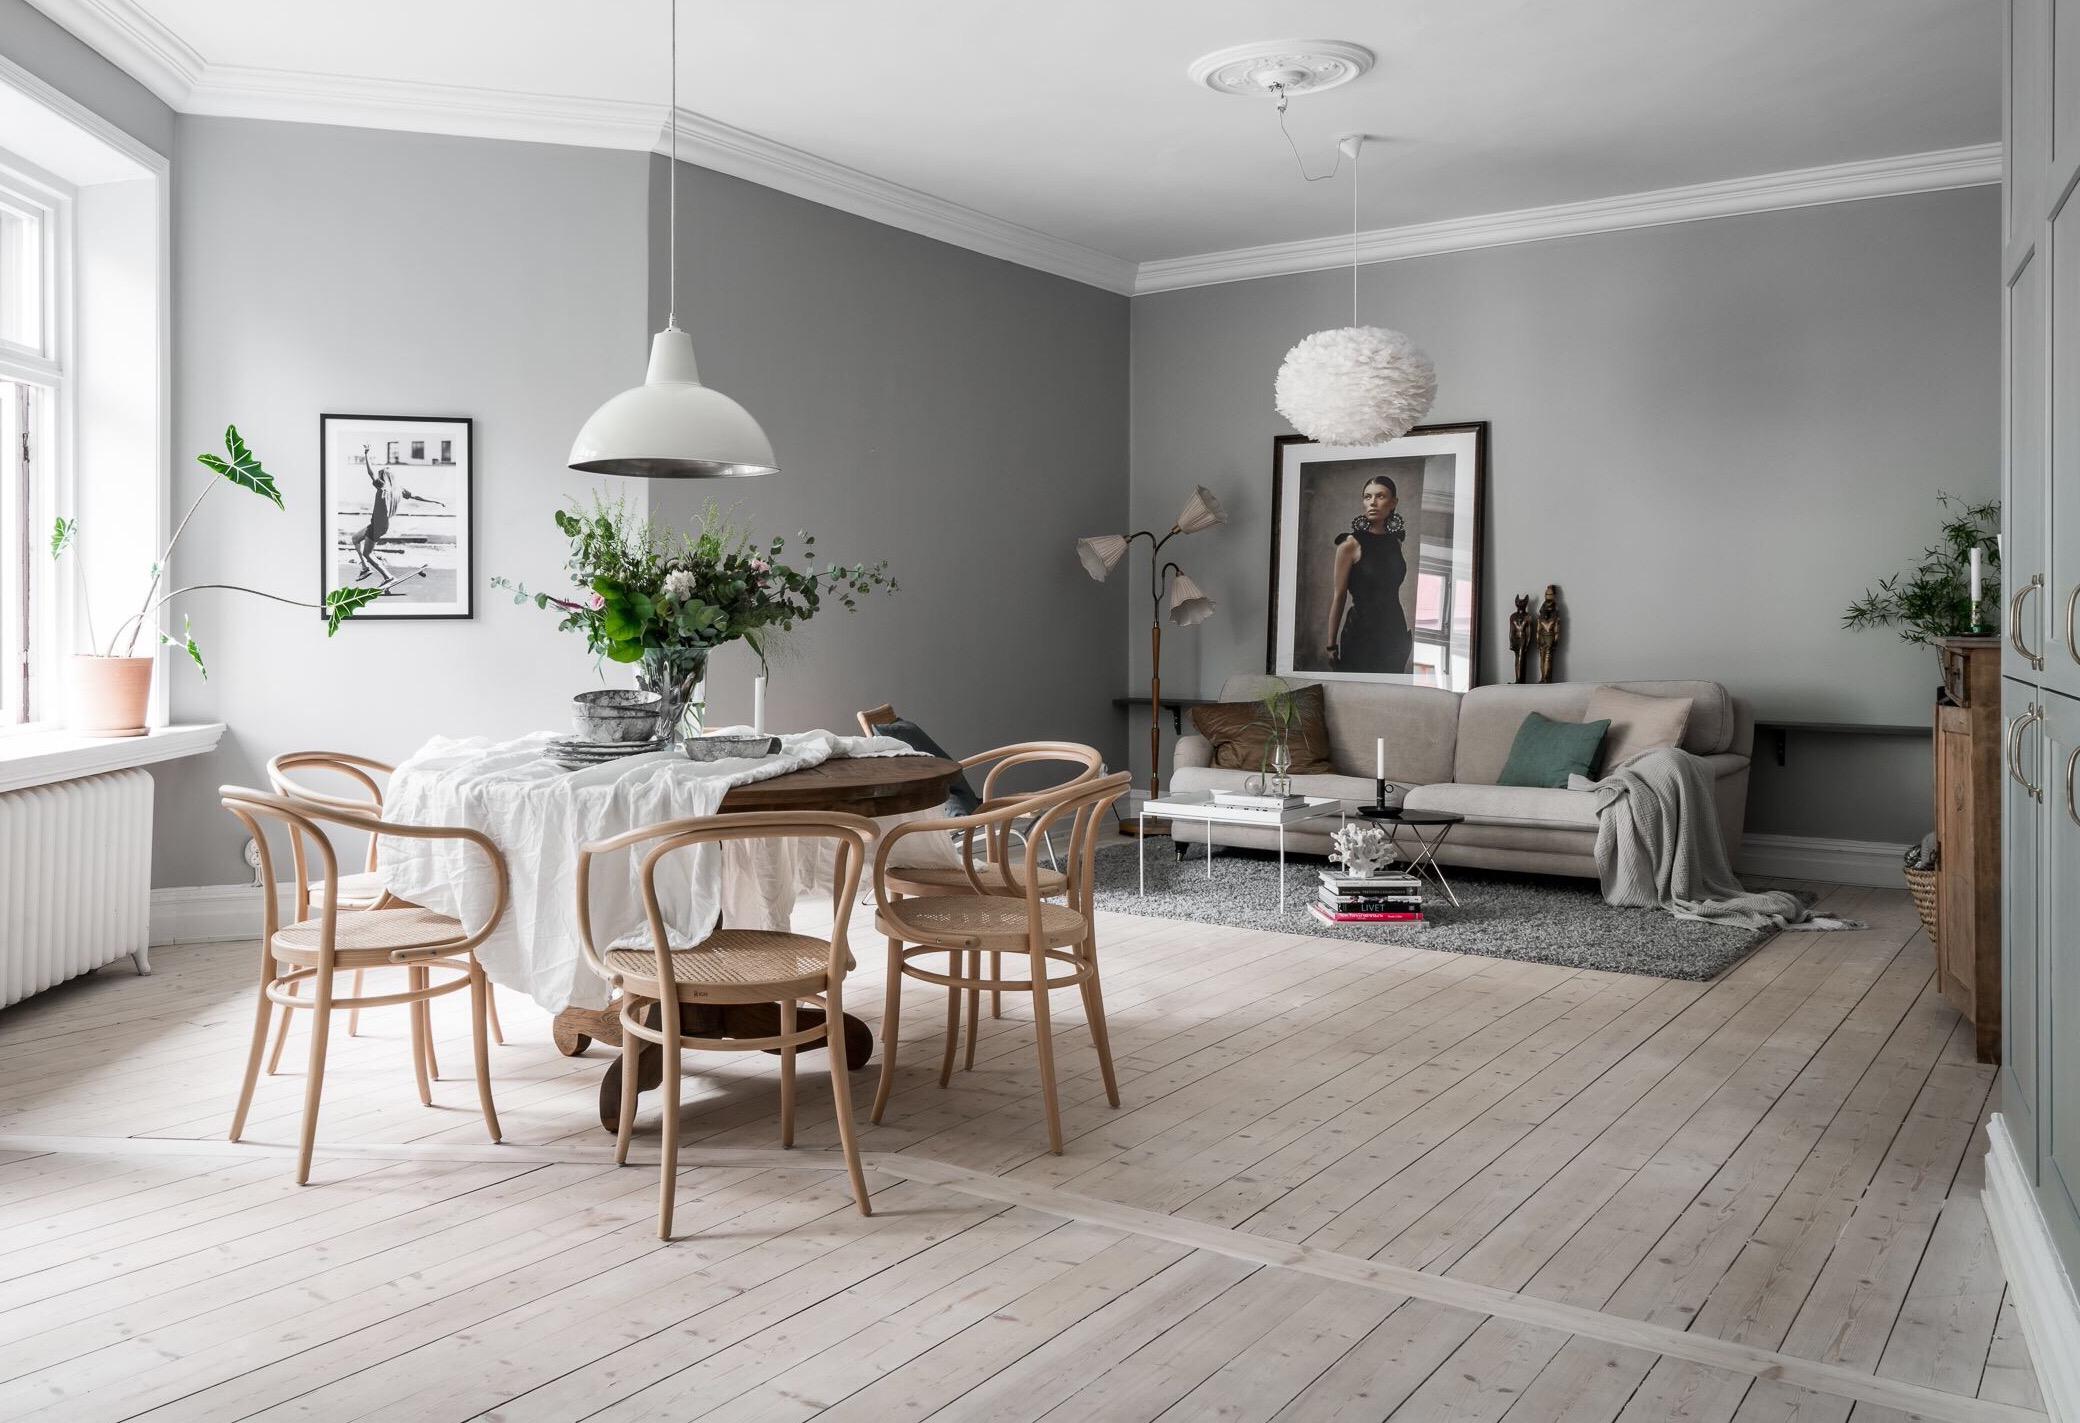 гостиная серые стены светлый пол белый плинтус потолочный карниз стол диван